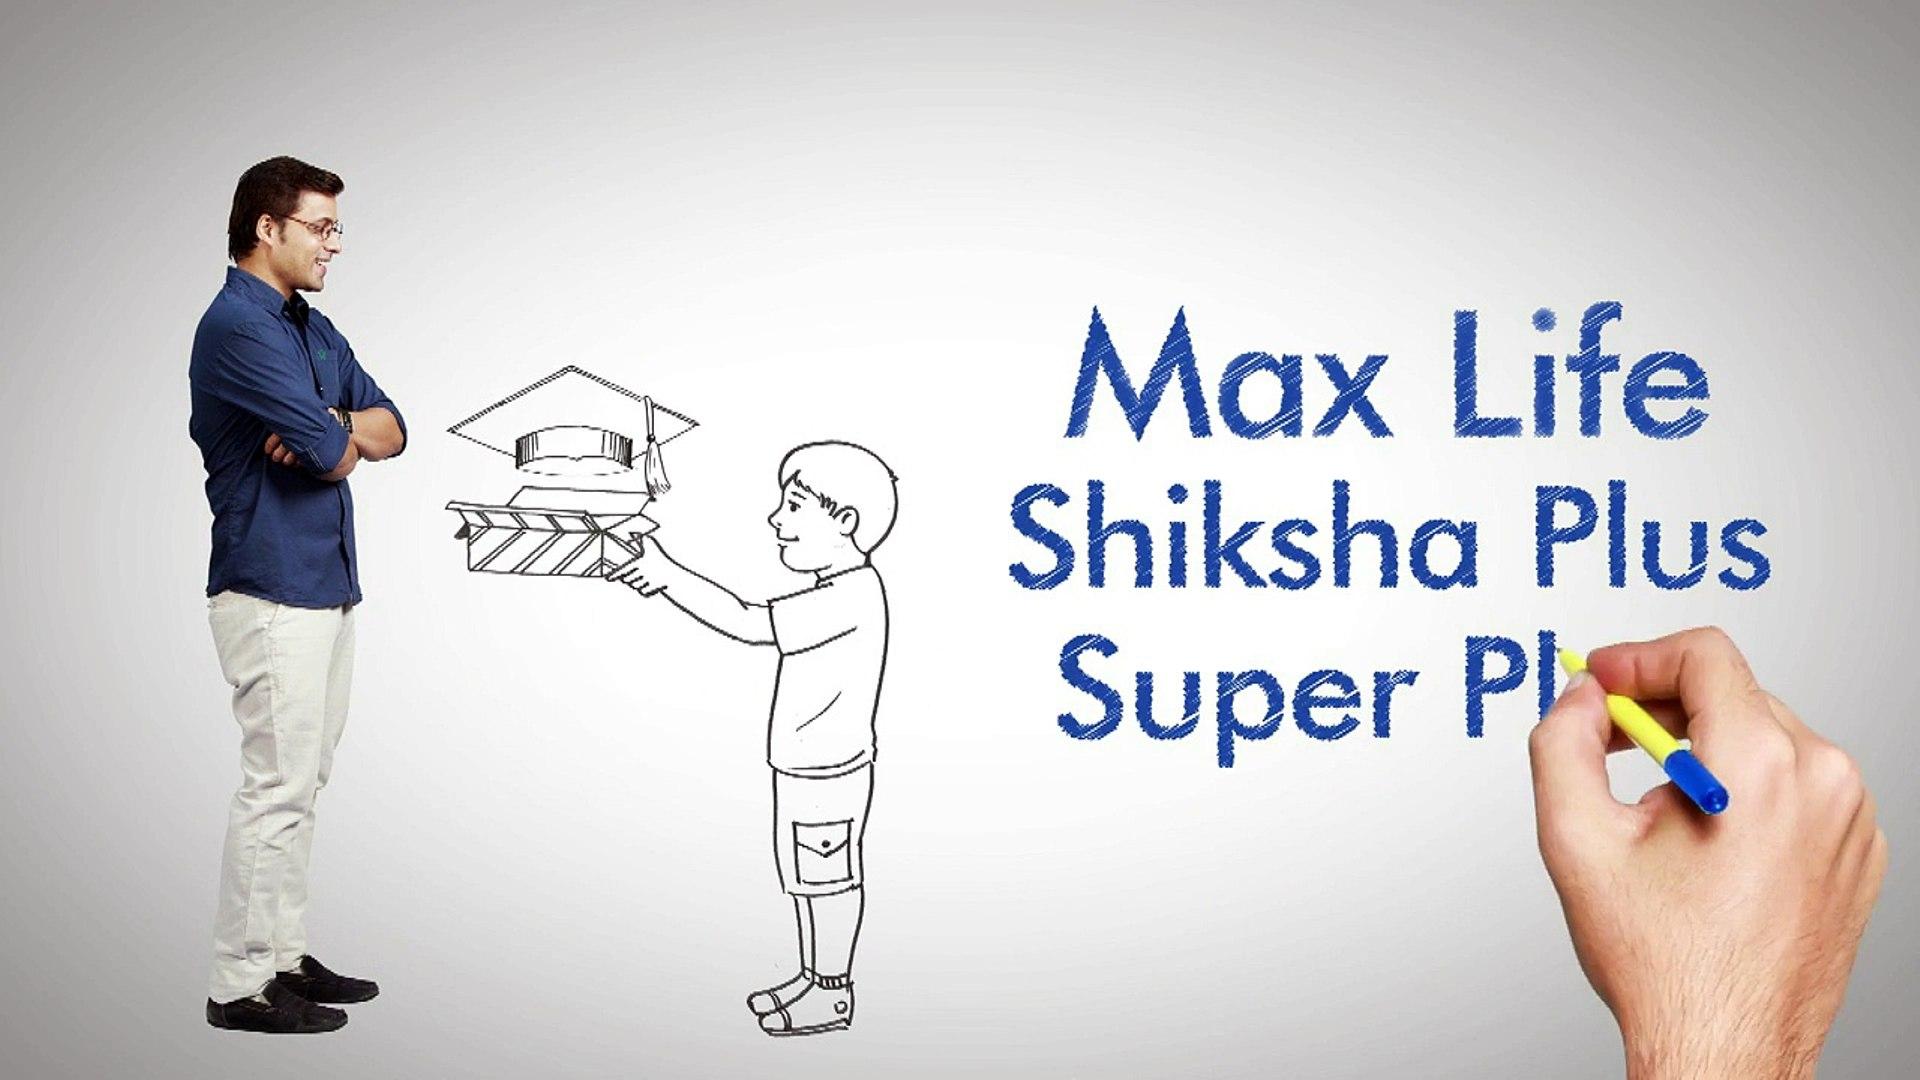 Max Life Shiksha Plus Plan